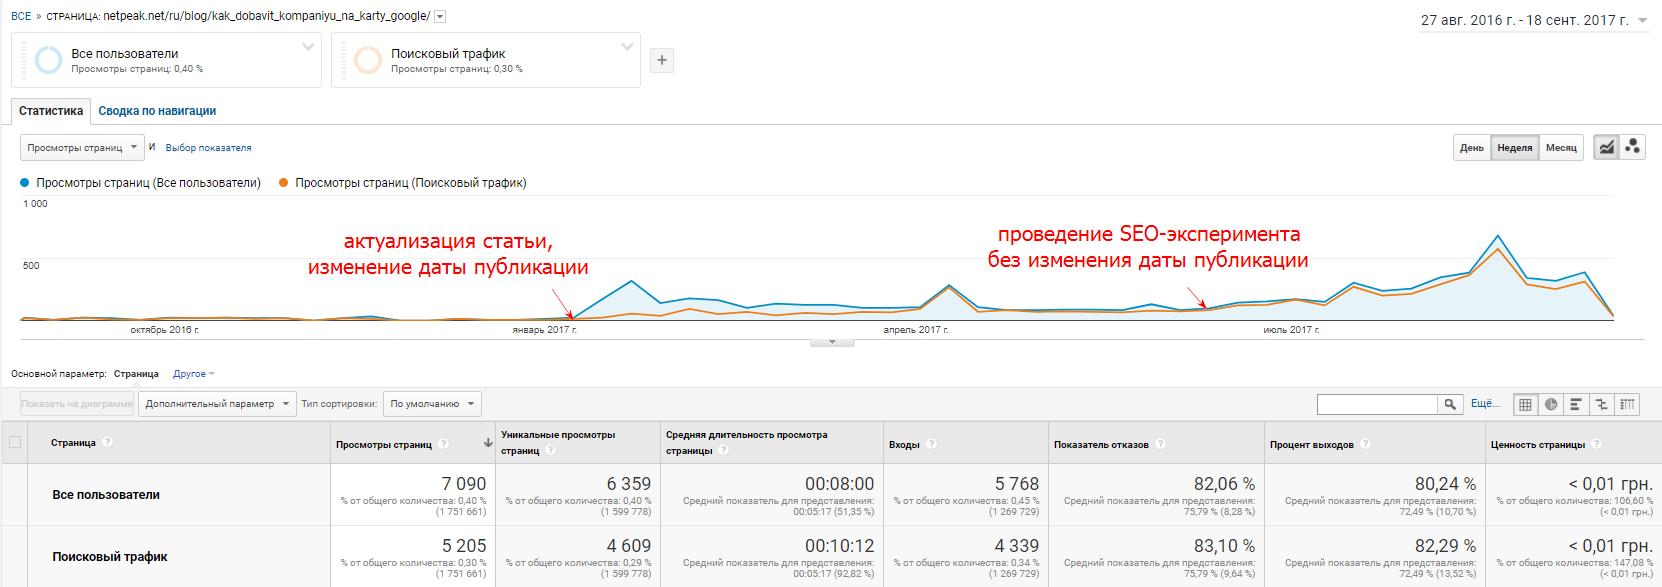 Второй пациент — статья о добавлении компании на карты Google и Яндекс